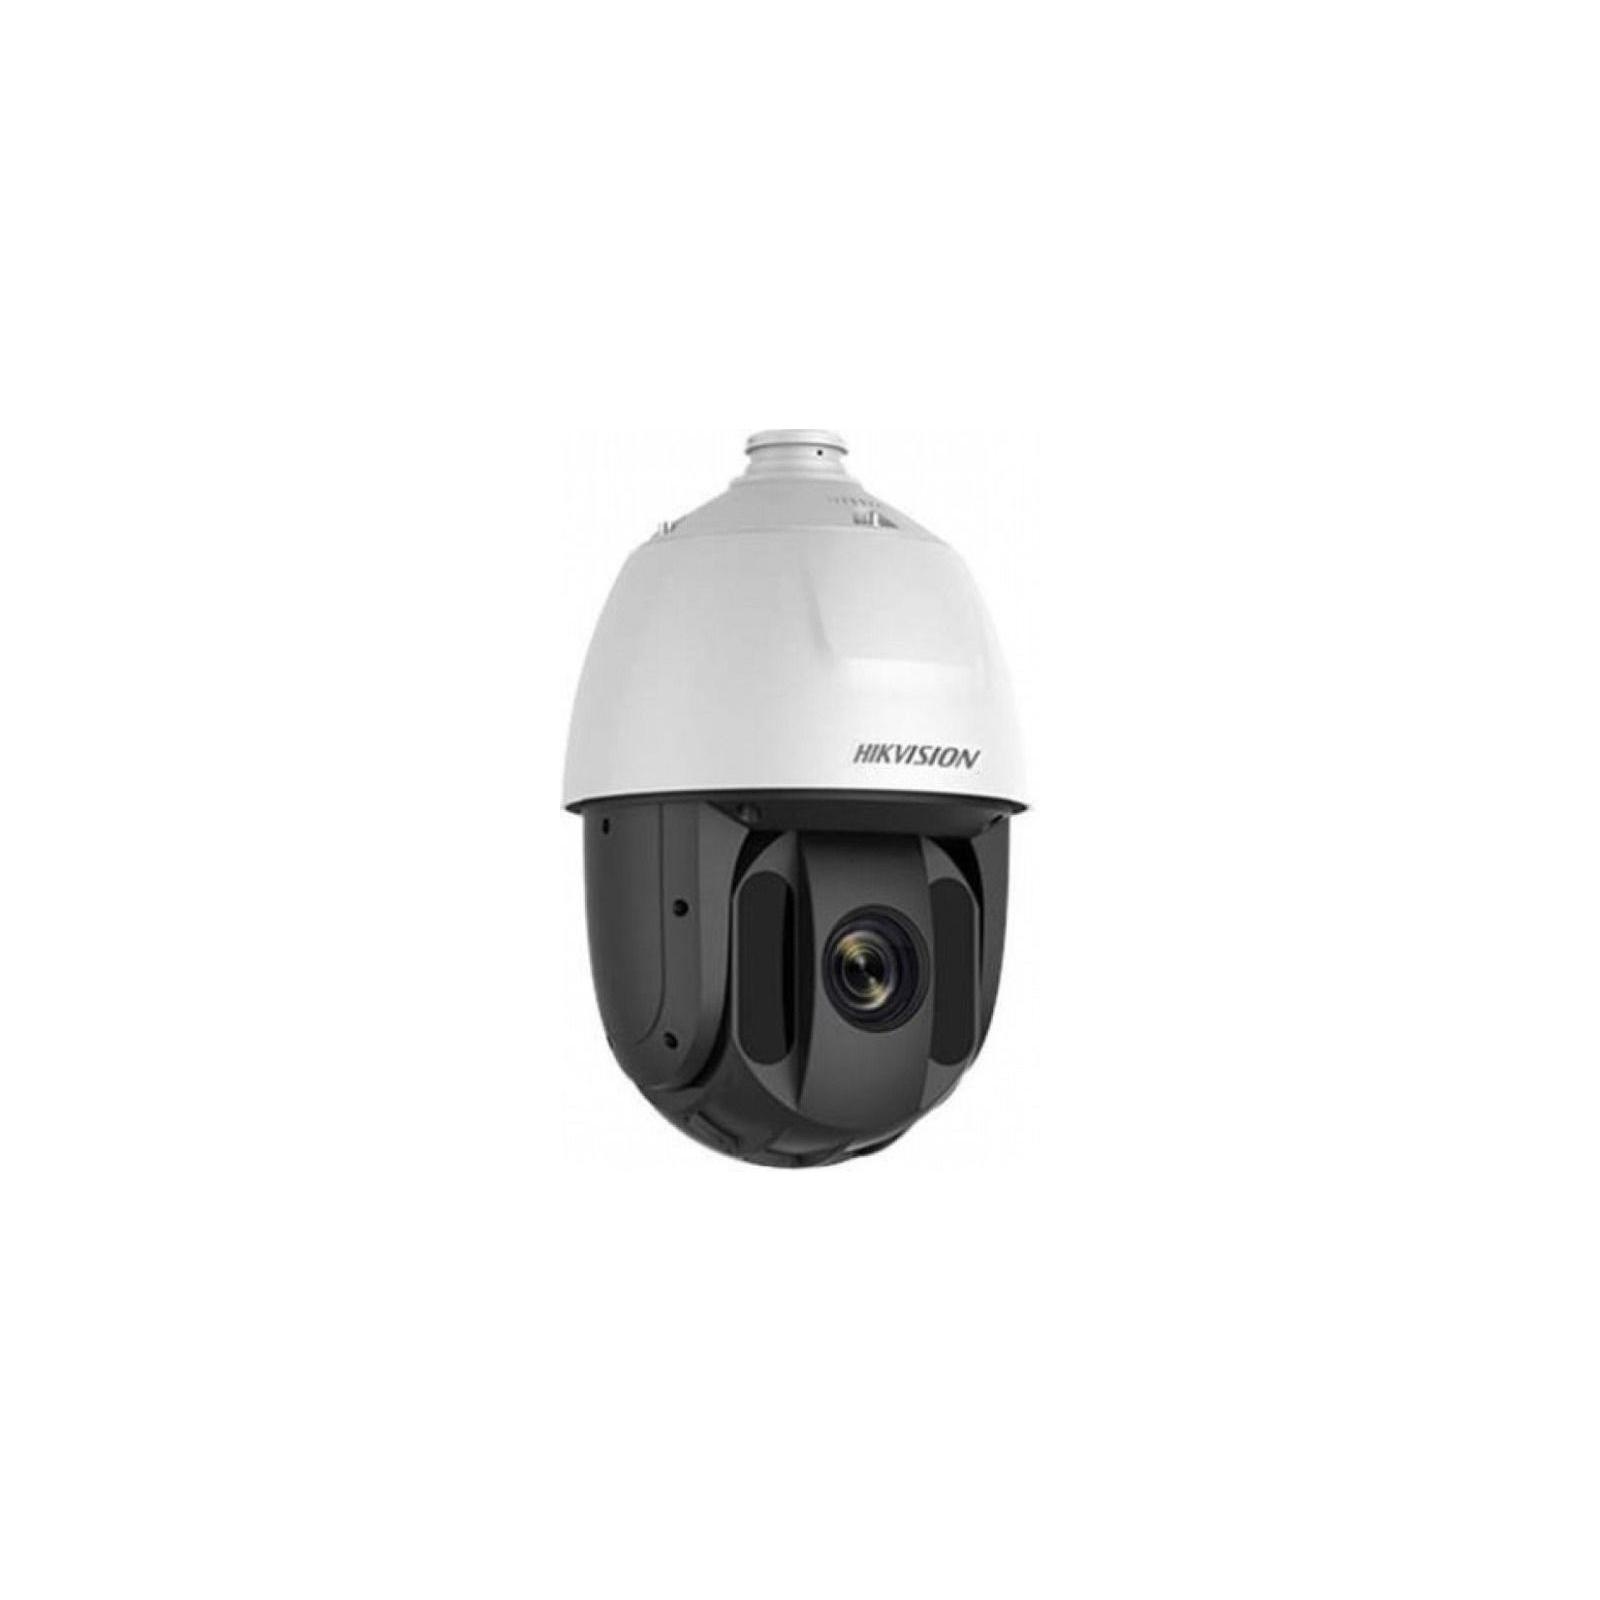 Камера видеонаблюдения Hikvision DS-2DE5425IW-AE (PTZ 25x) изображение 2